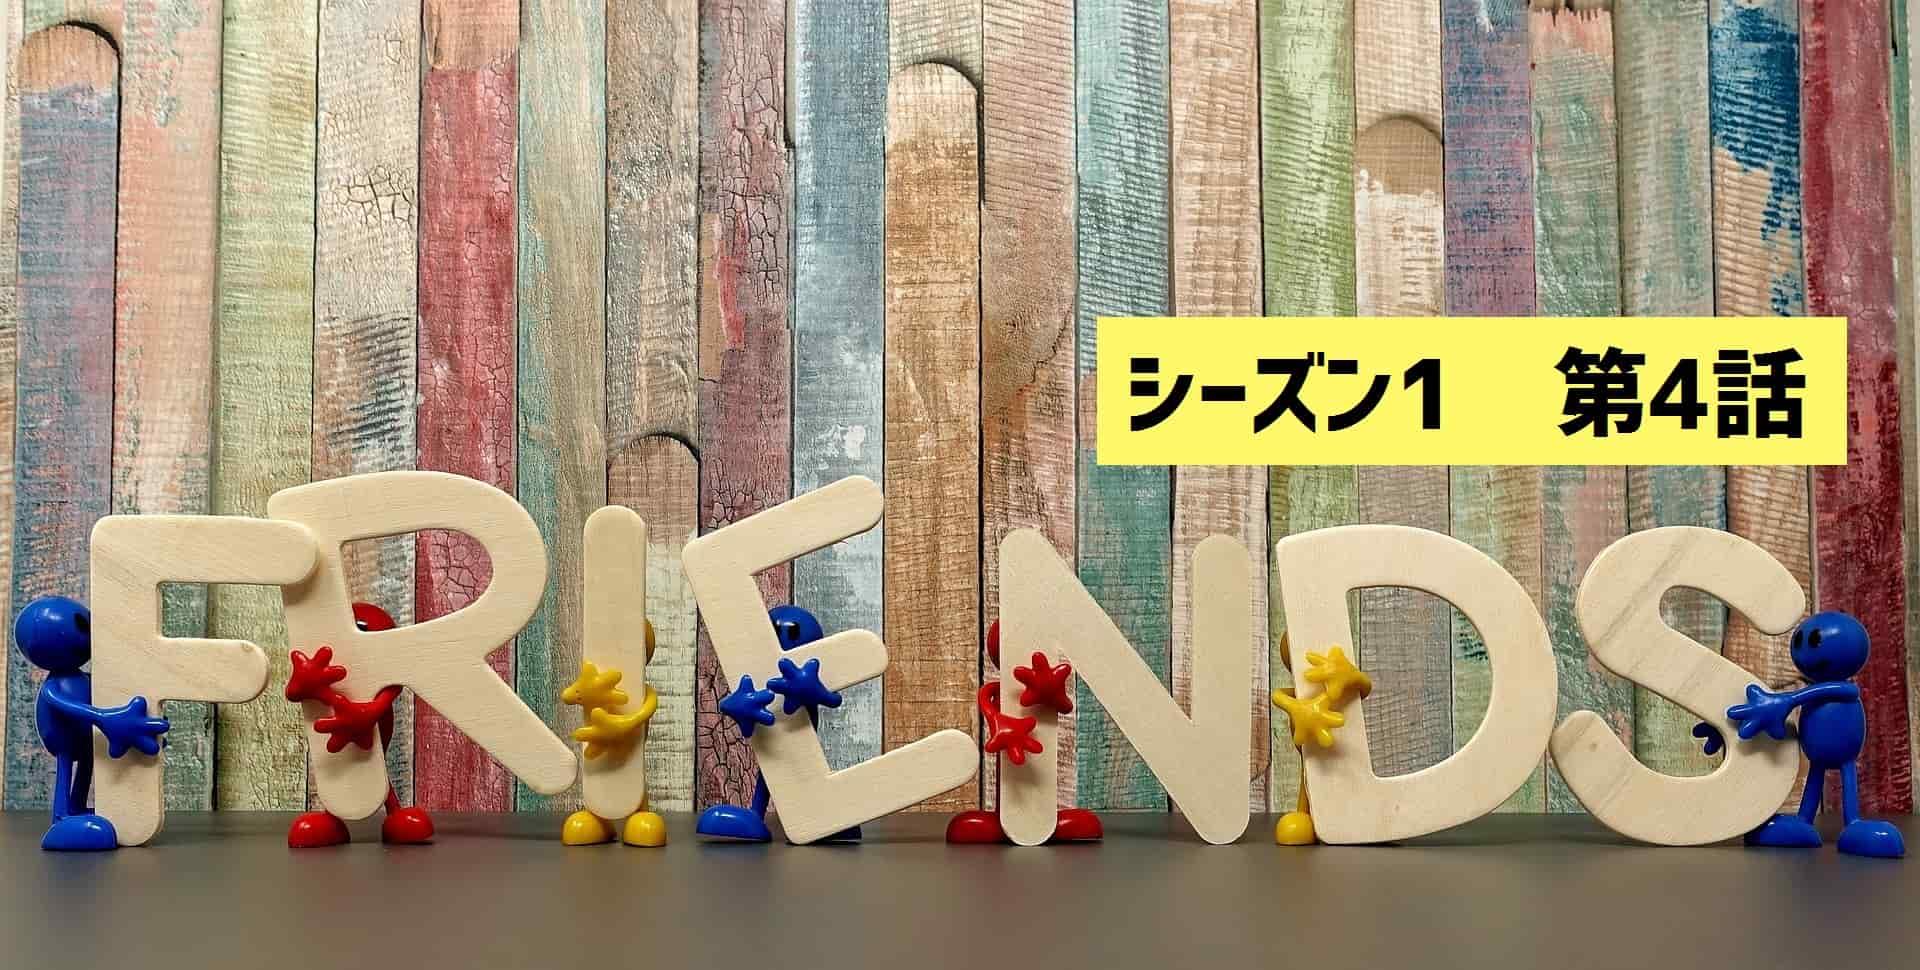 【ドラマフレンズで英語学習】シーズン1第4話を徹底解説!